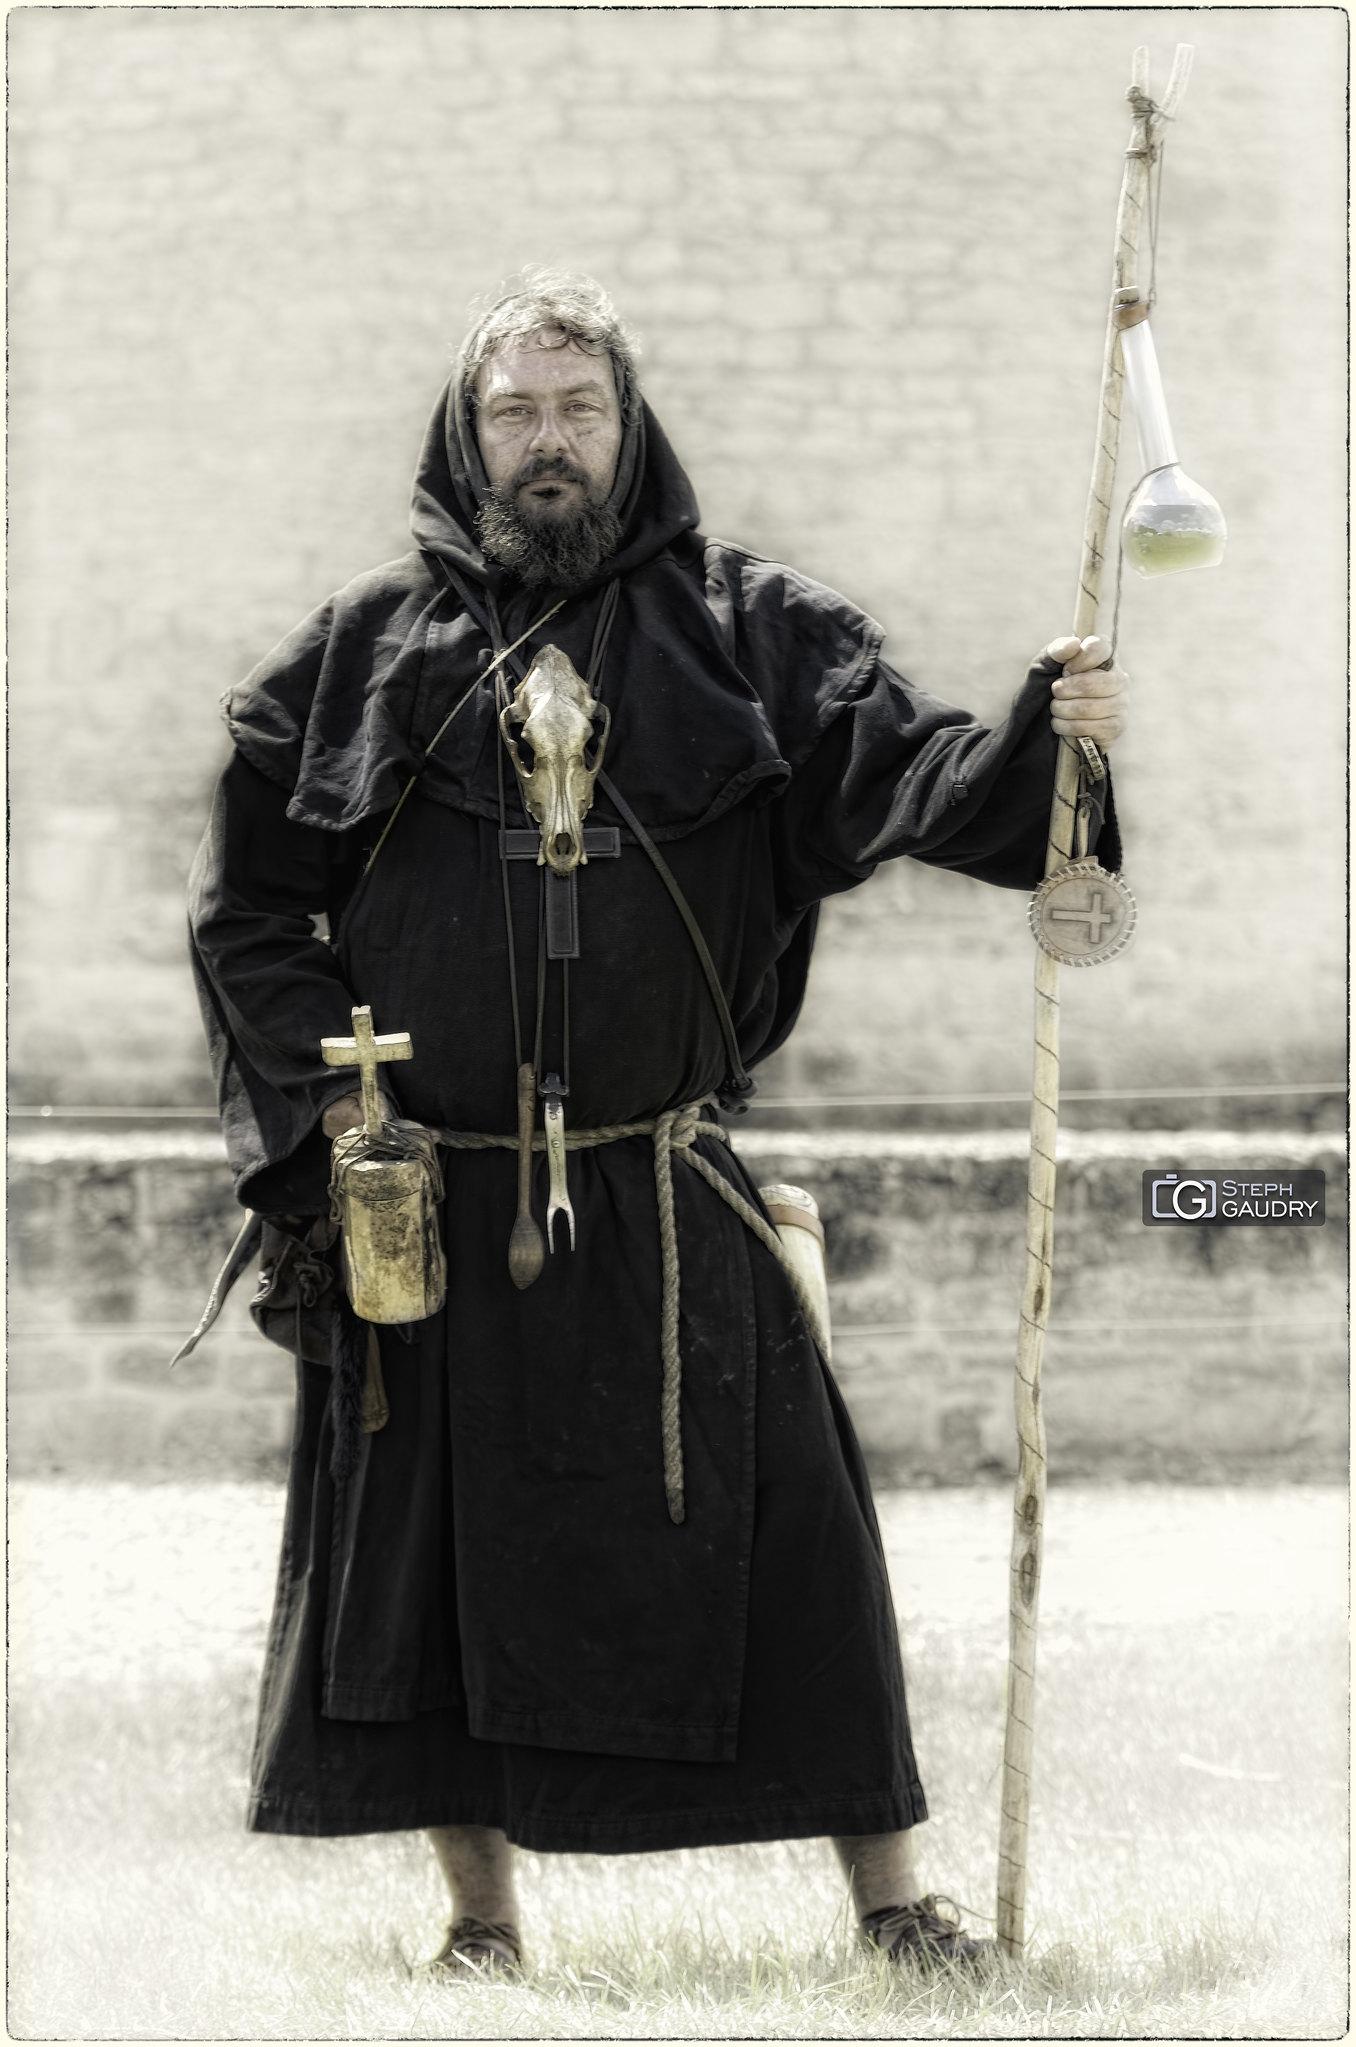 Le moine sorcier [Click to start slideshow]